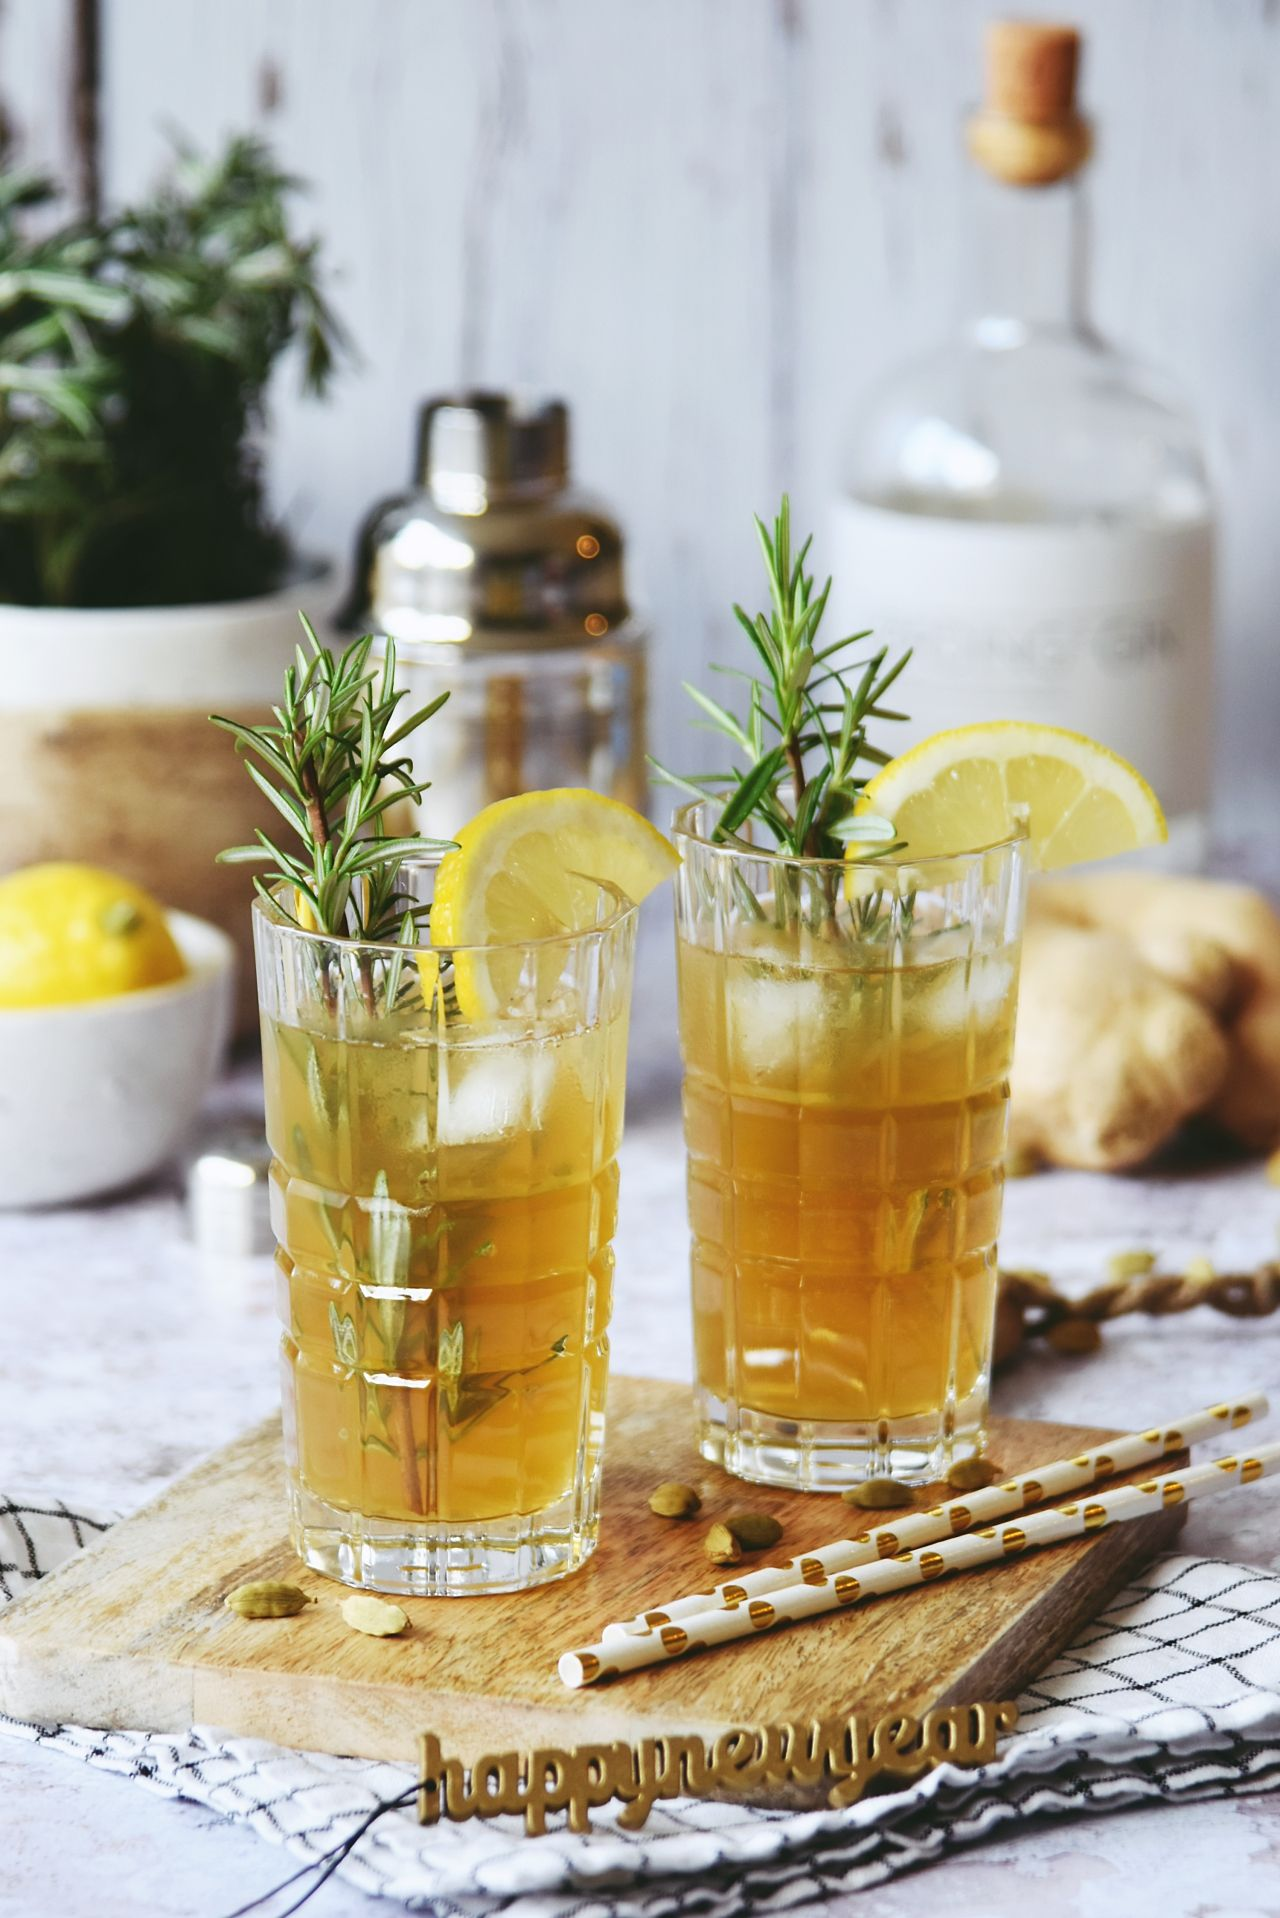 Rezept für Gin Cocktail mit Rosmarin, Ingwer & Kardamom Sirup #gincocktailrecipes